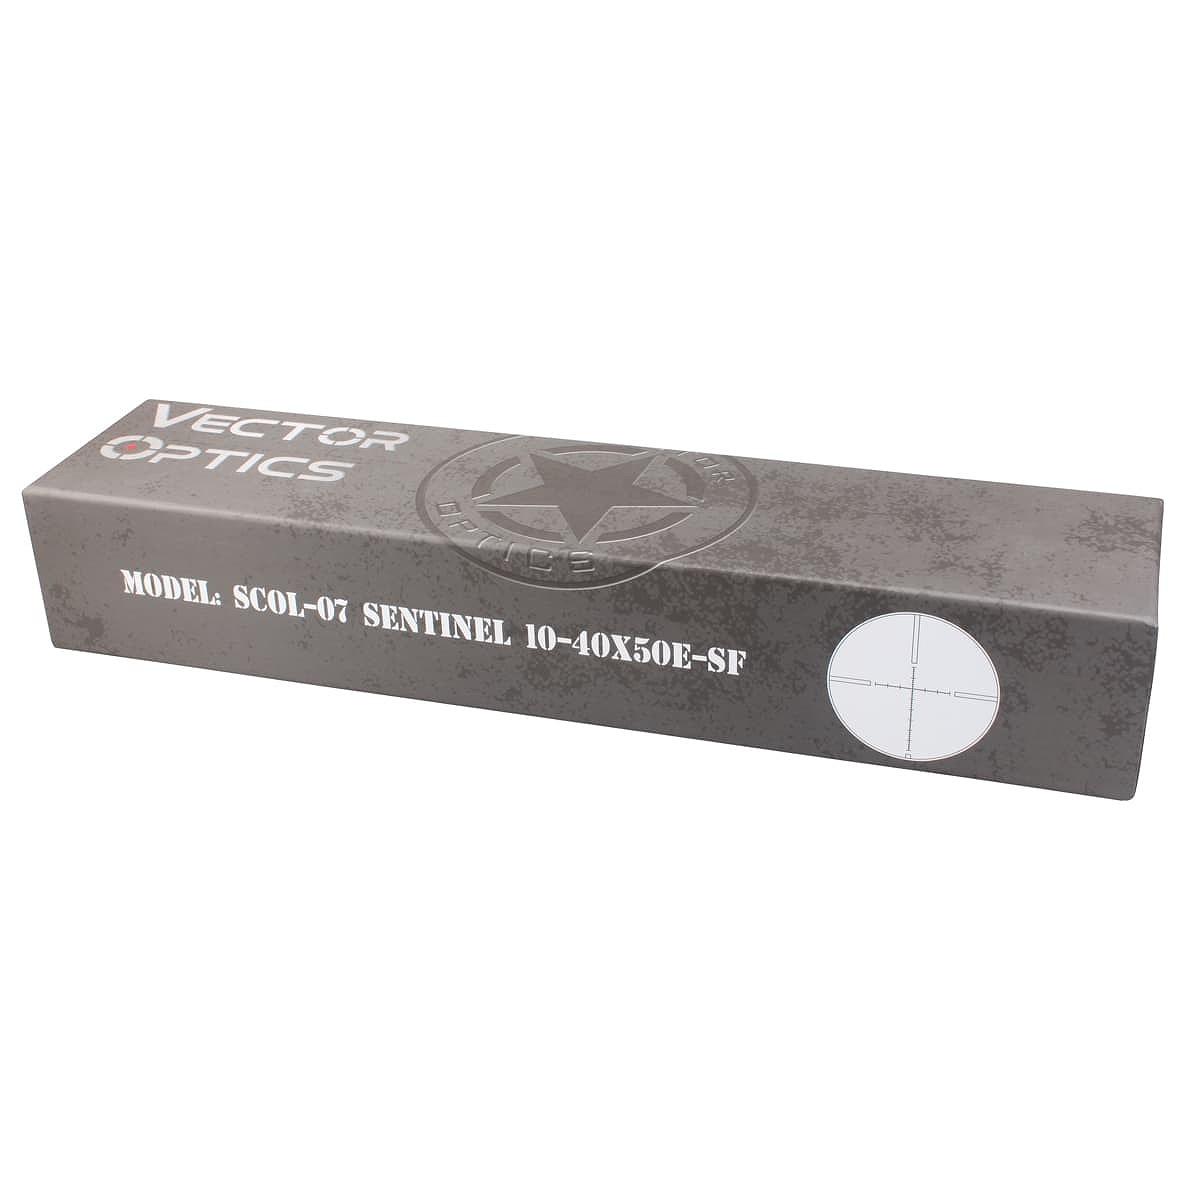 【お届け予定日: 5月30日】ベクターオプティクス ライフルスコープ Sentinel 10-40x50 GenII  Vector Optics SCOL-07